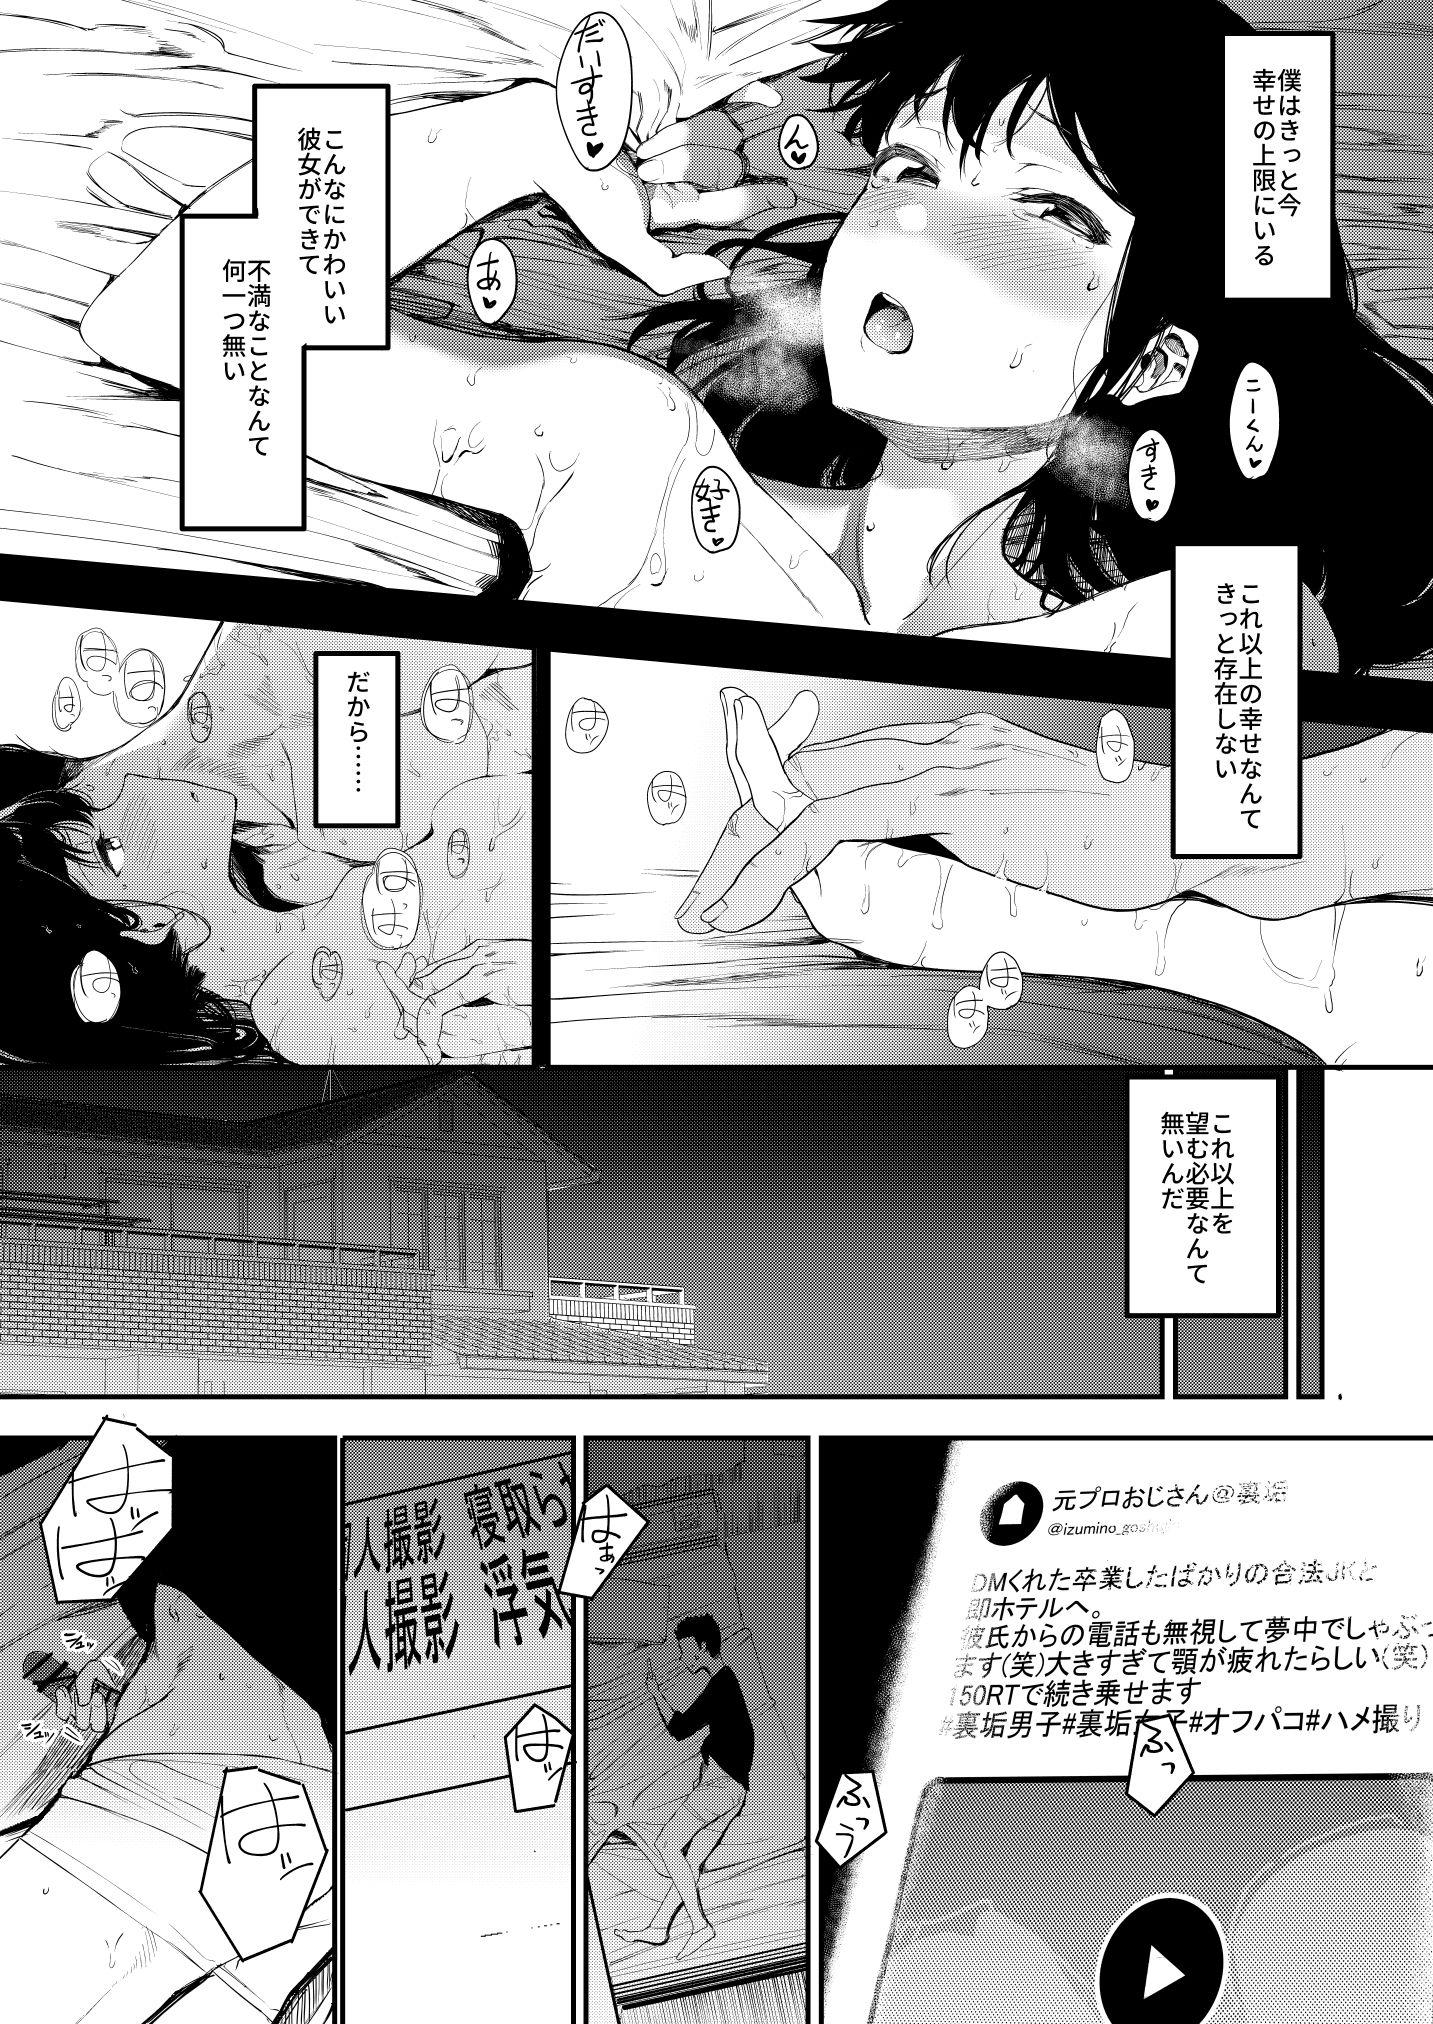 【エロ漫画無料大全集】【NTRエロ漫画】オフ会でヤリチンに寝取られてしまったワイの彼女の運命が…